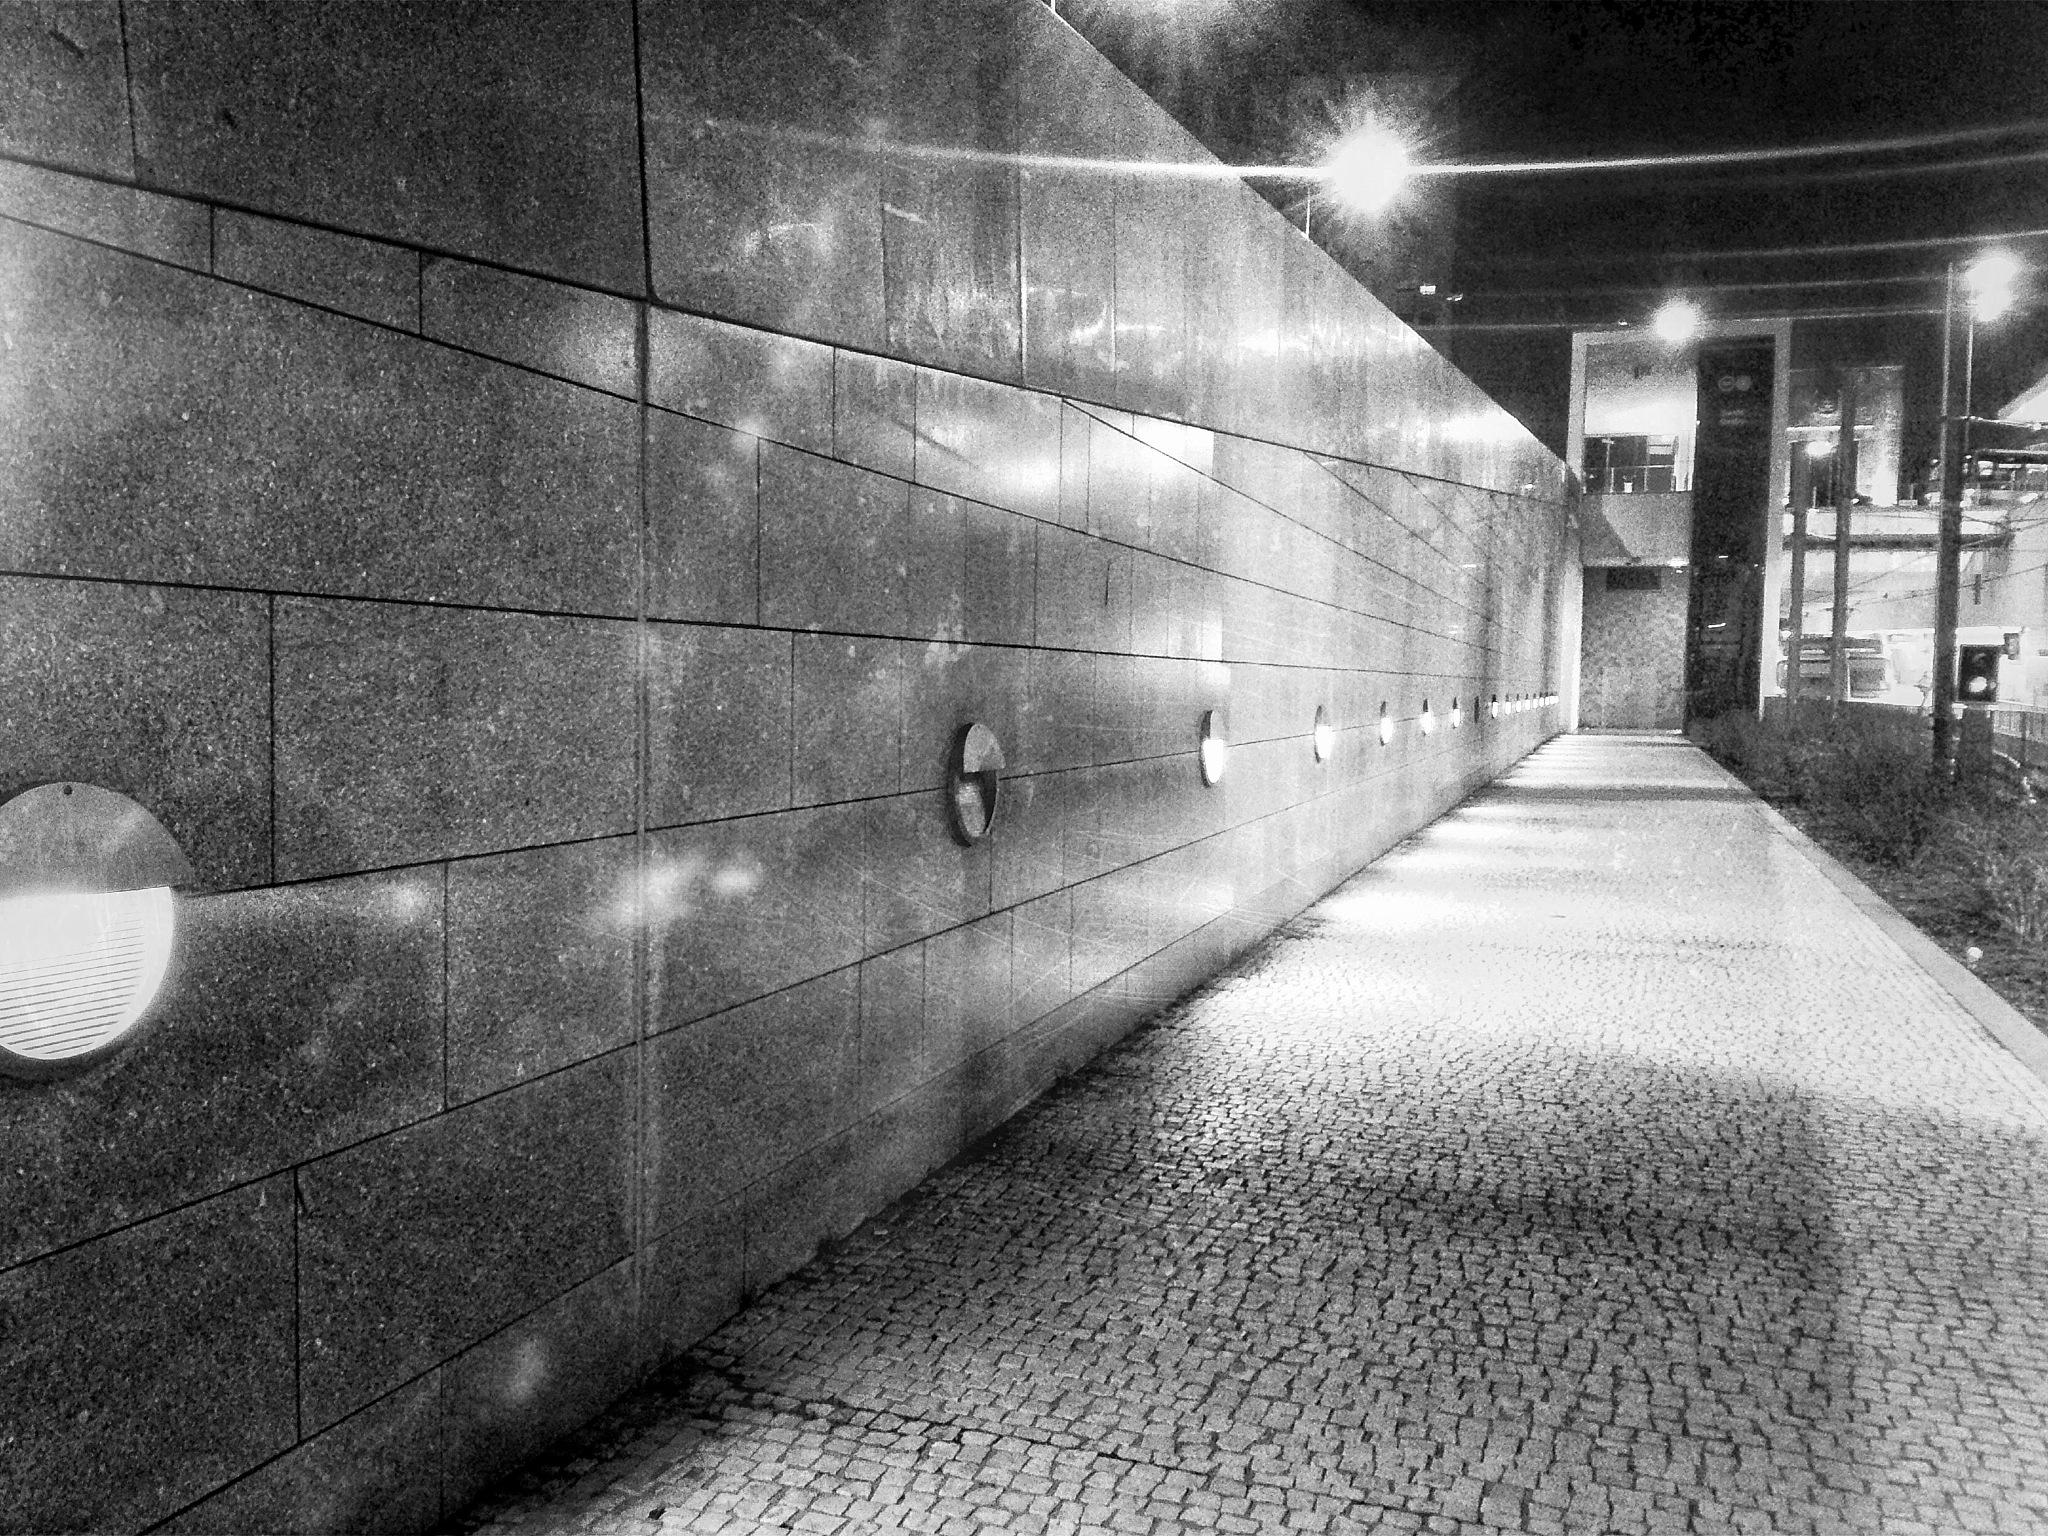 Run away // Fugir by Laurenco Silva